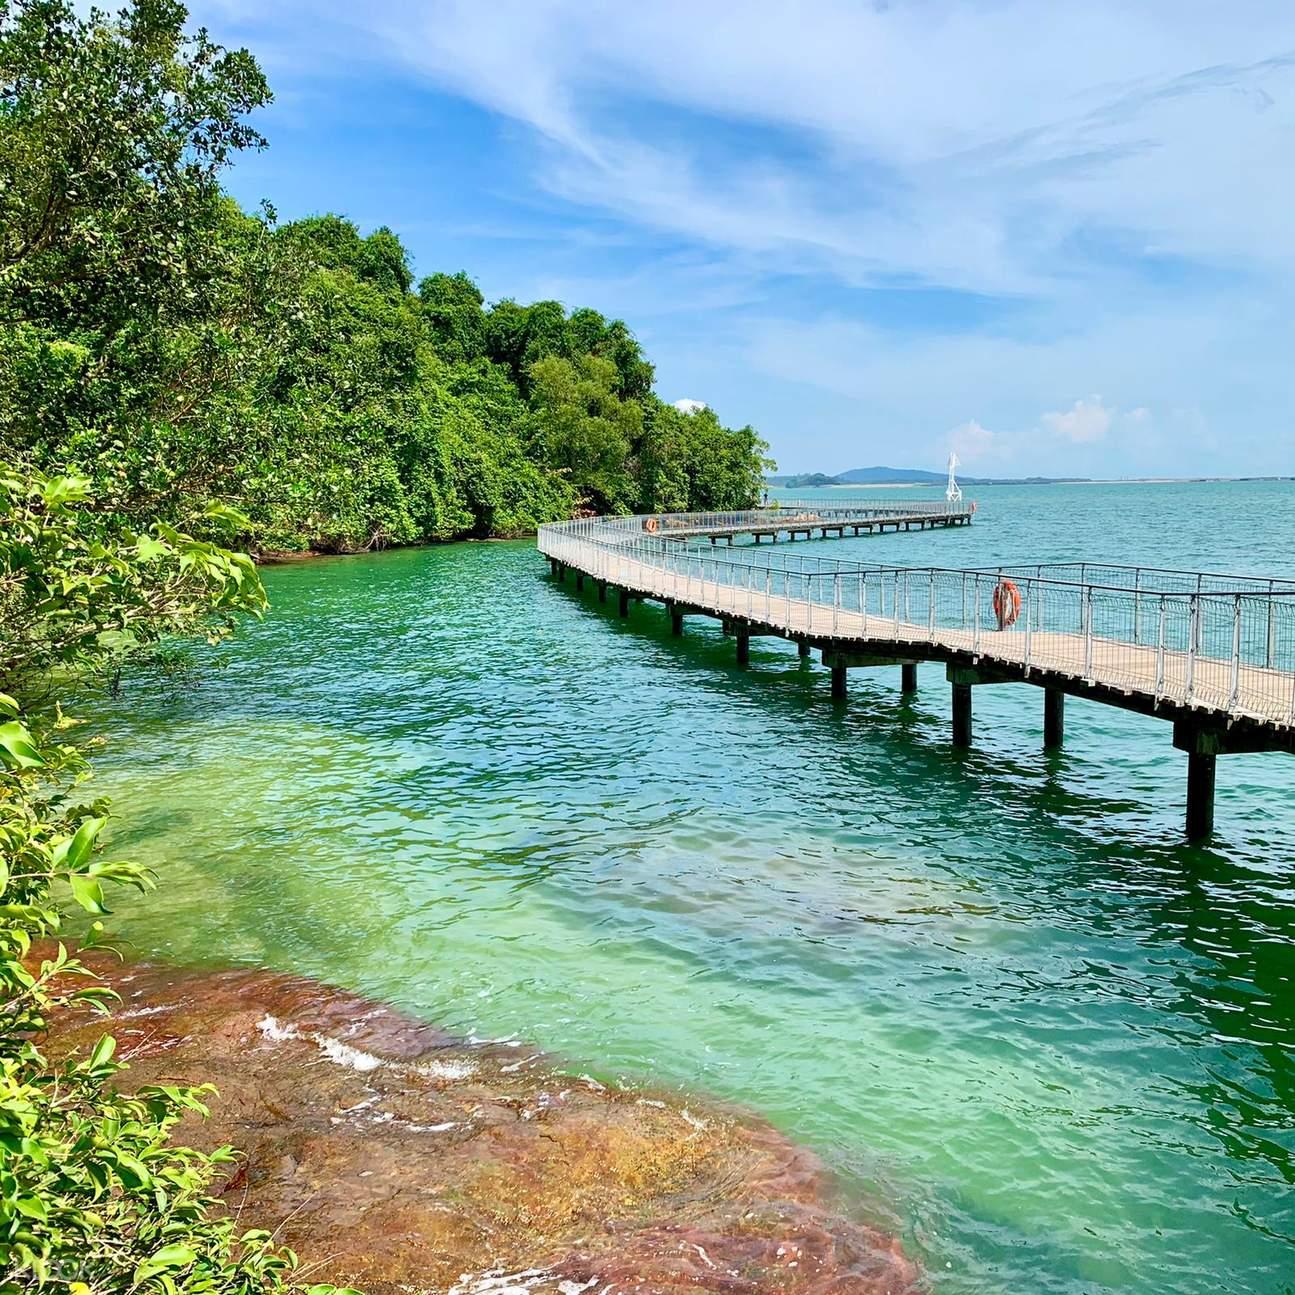 Enjoy the beautiful scenery of Chek Jawa